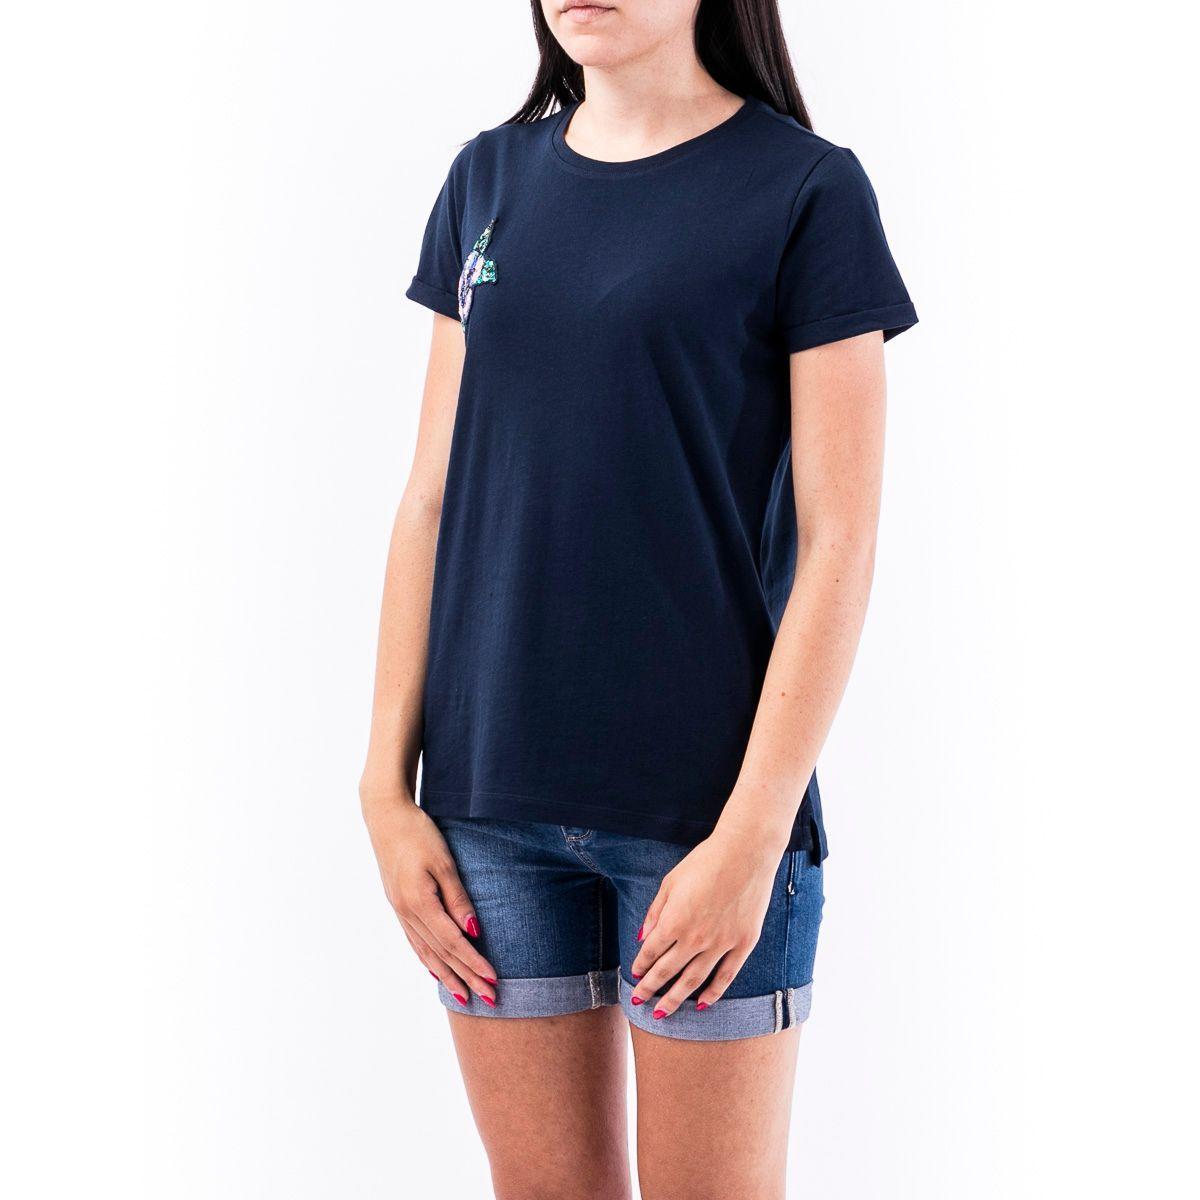 SUN 68 WOMEN'S T3021007 BLUE COTTON T-SHIRT